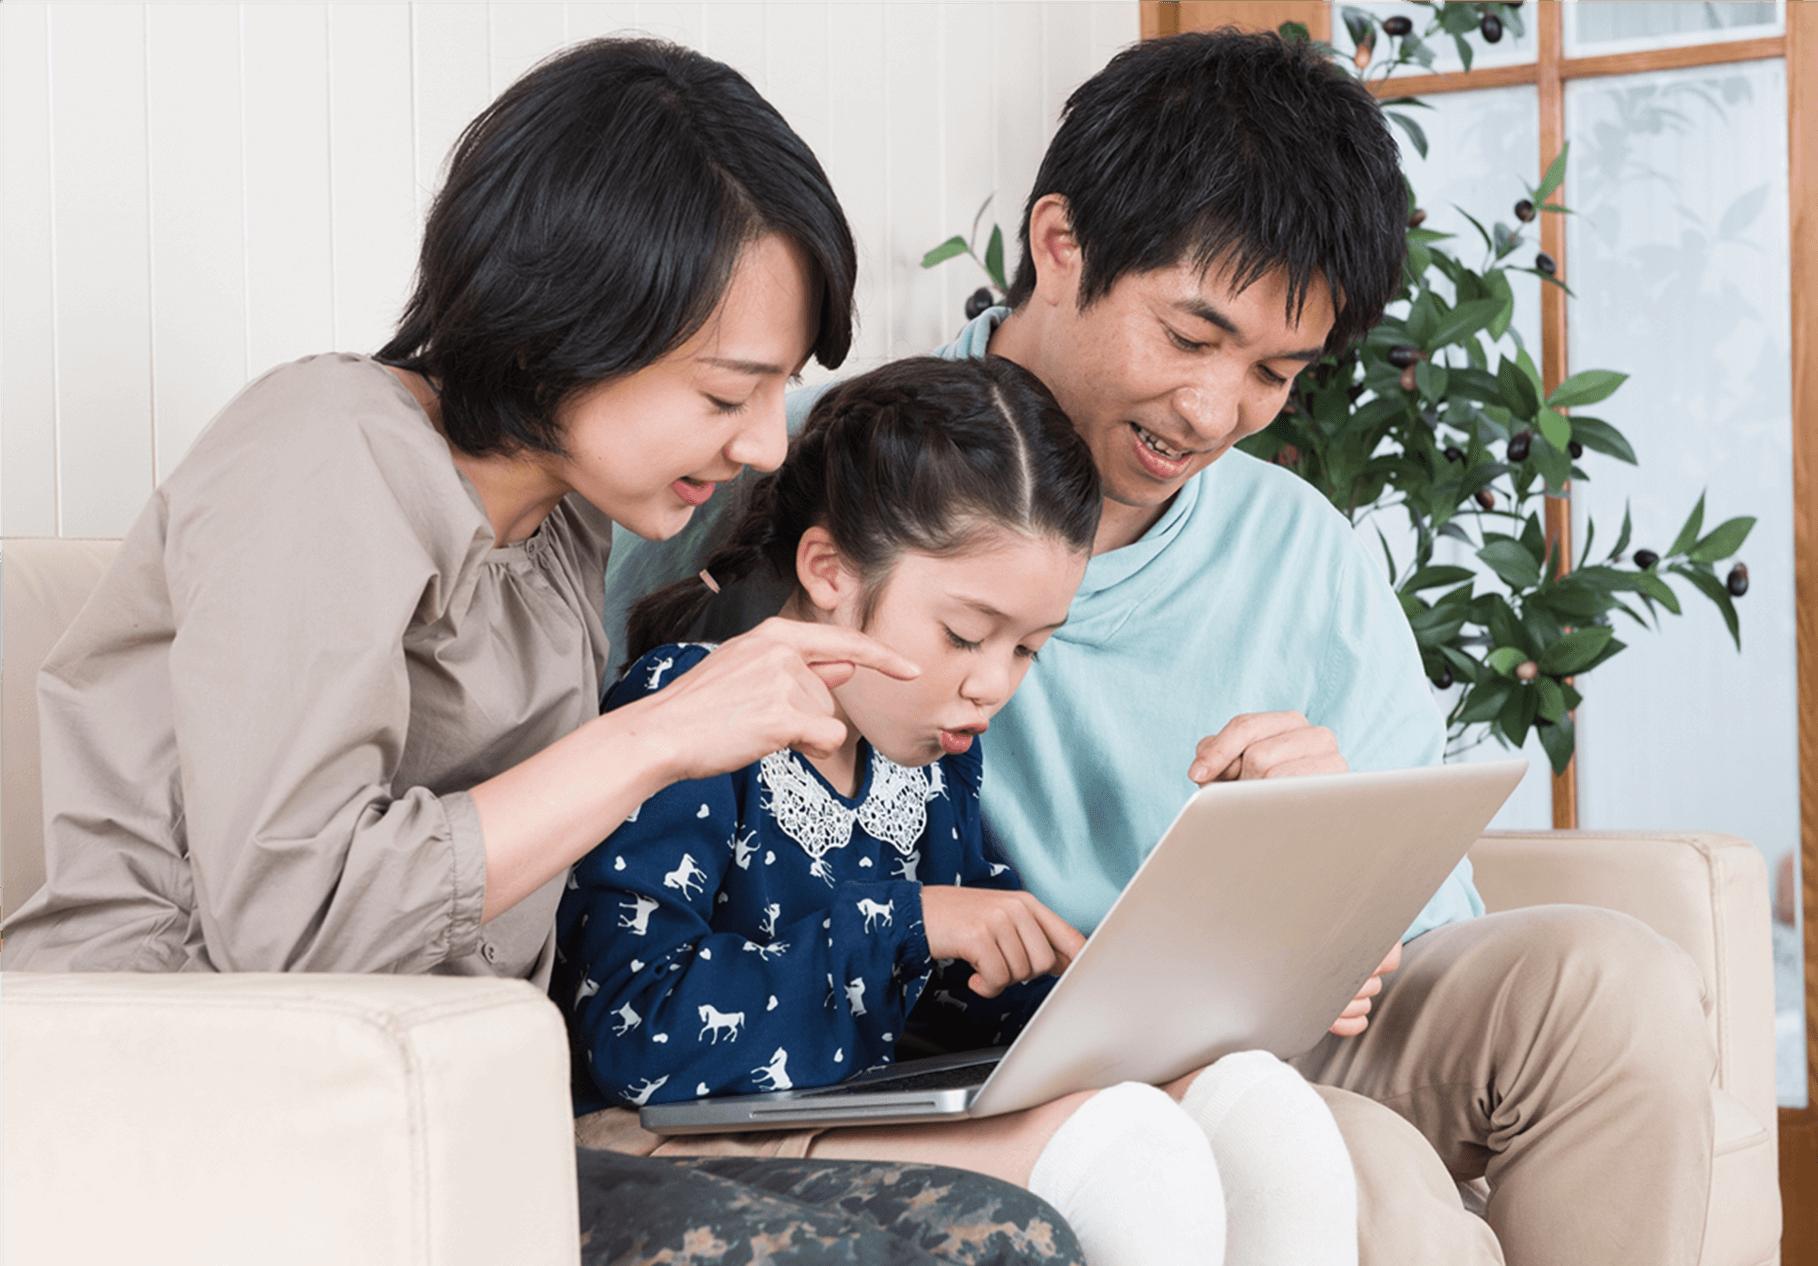 マツモト東京本社のランドセル相談・オンライン接客サービスのイメージ